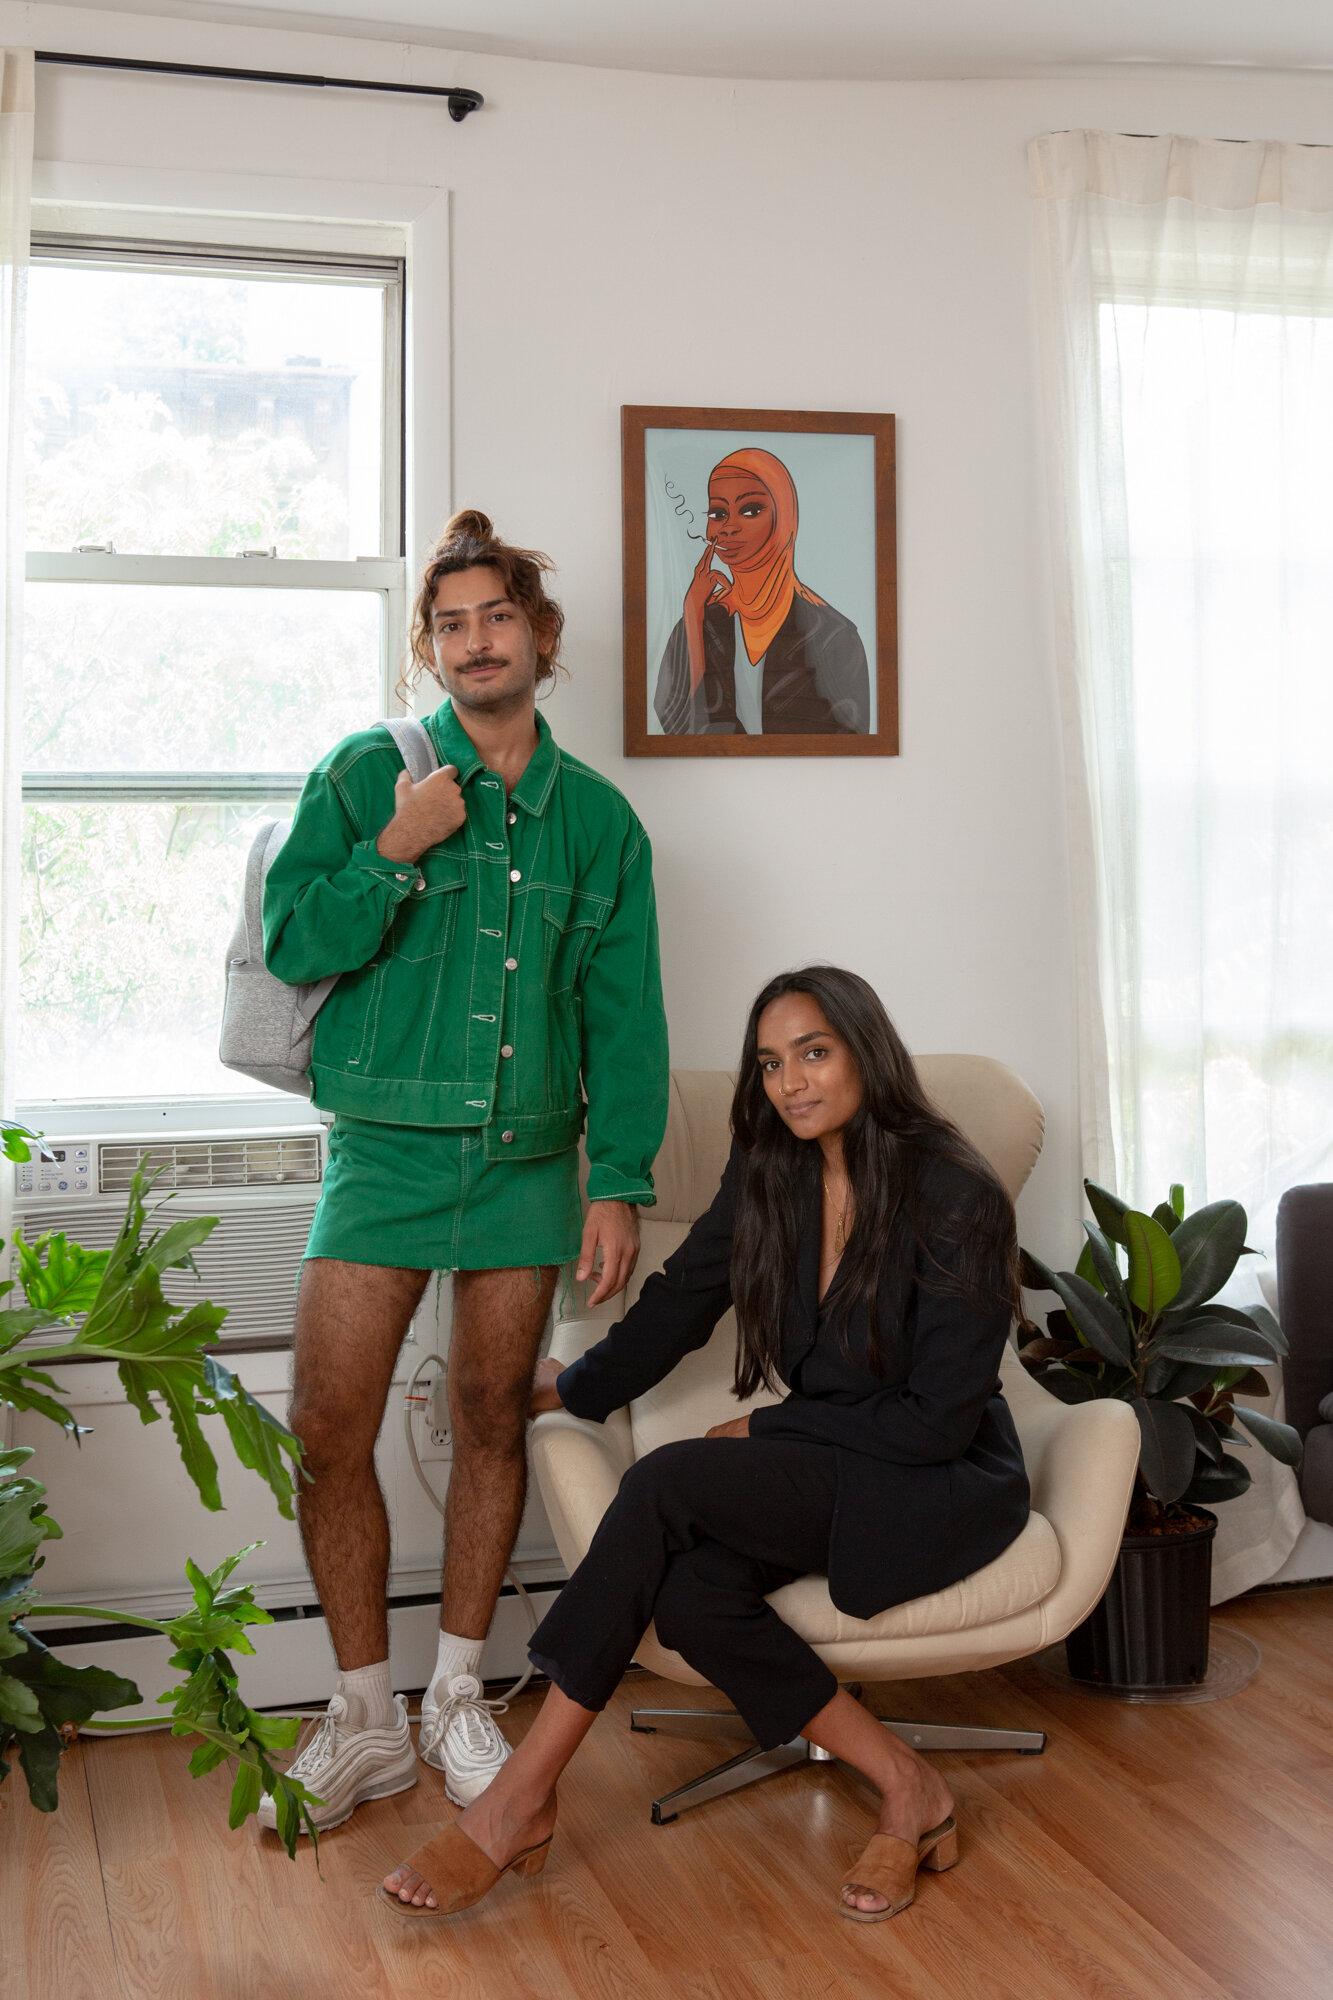 Mohammed Fayaz and Nafisa